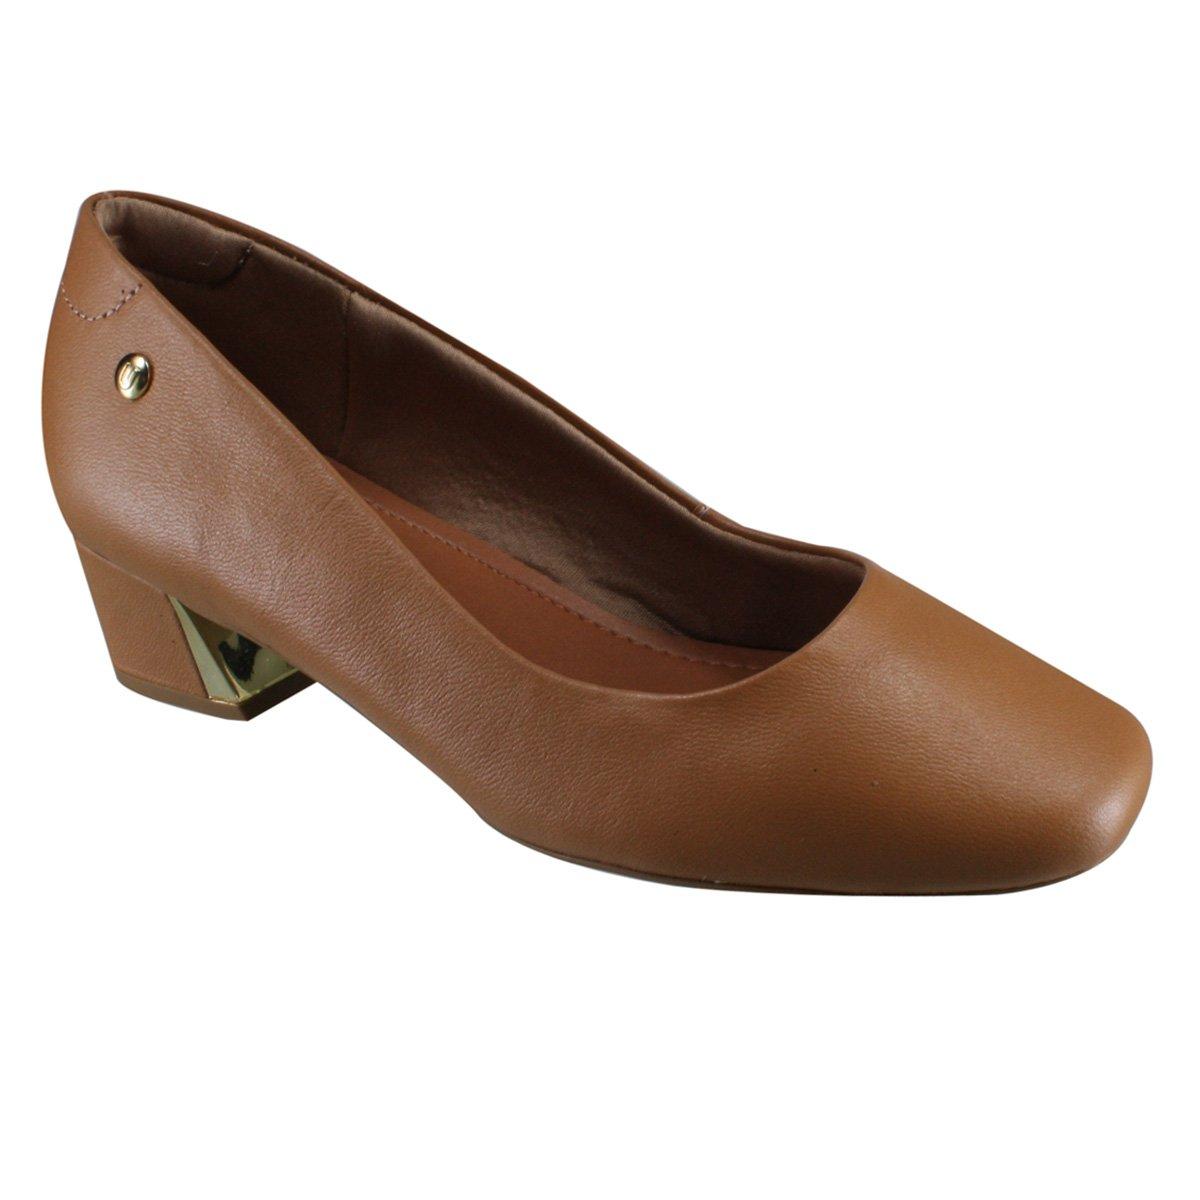 90a1dfbe5 Sapato Feminino Usaflex S6501/61 - Camel (Caprina) - Calçados Online ...